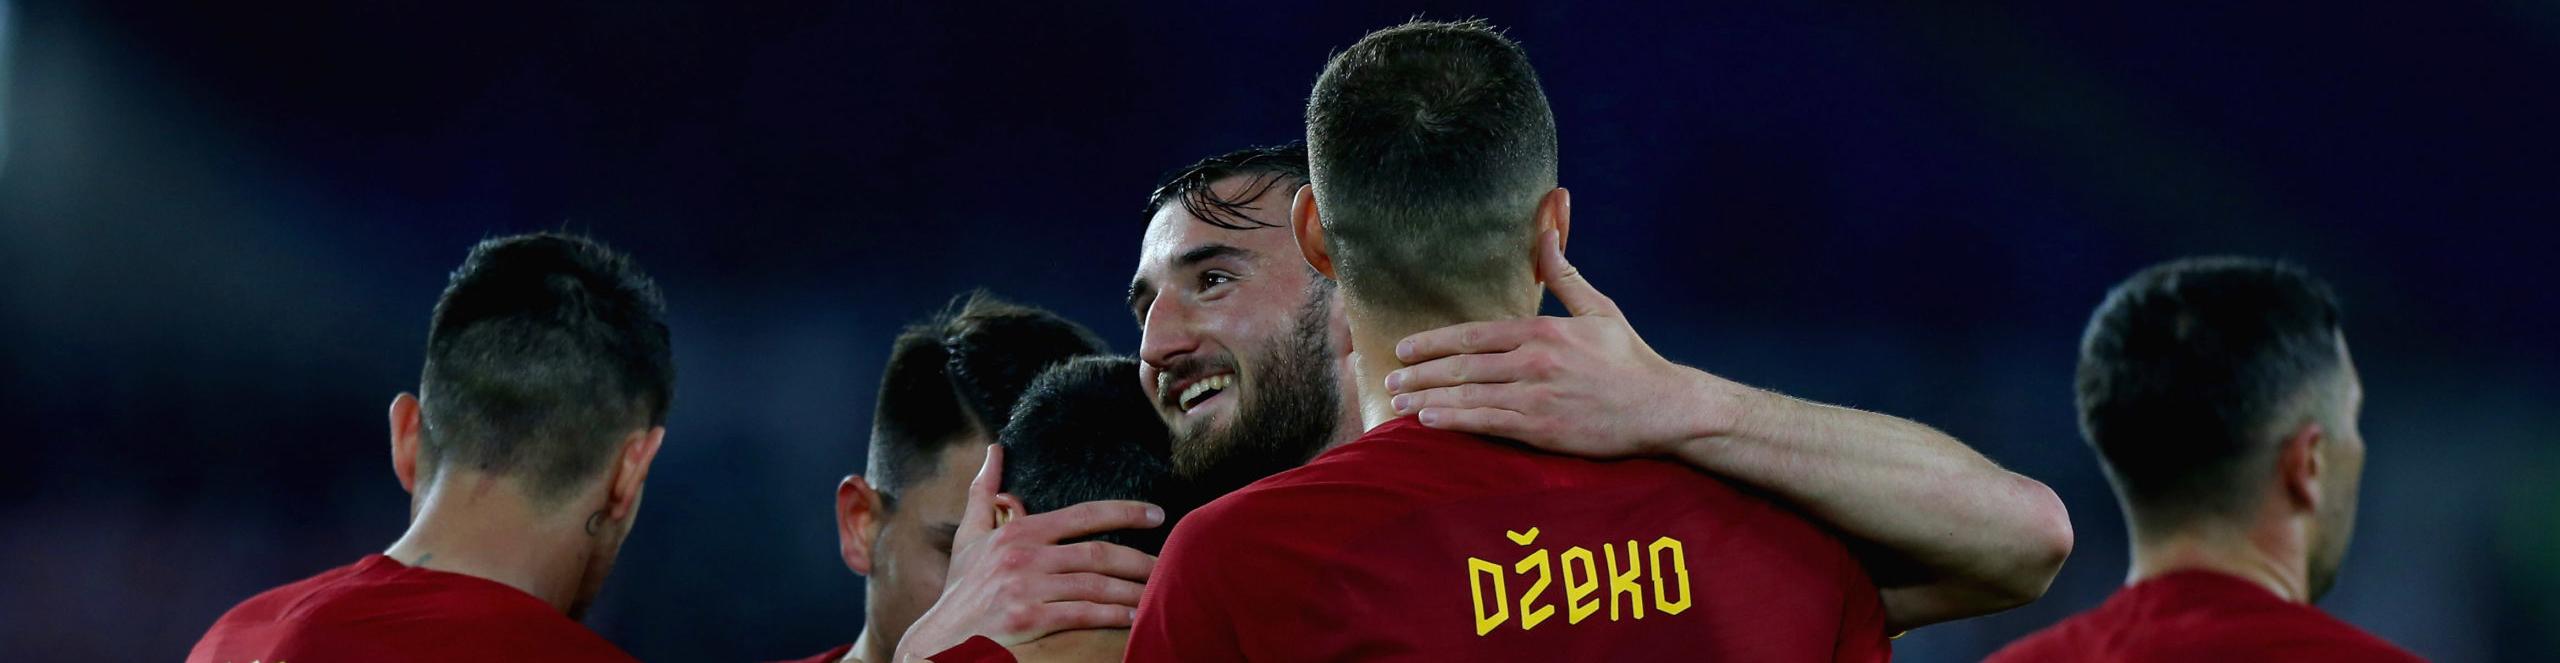 Gent-Roma, esame di maturità per i giallorossi dall'esito tutt'altro che scontato